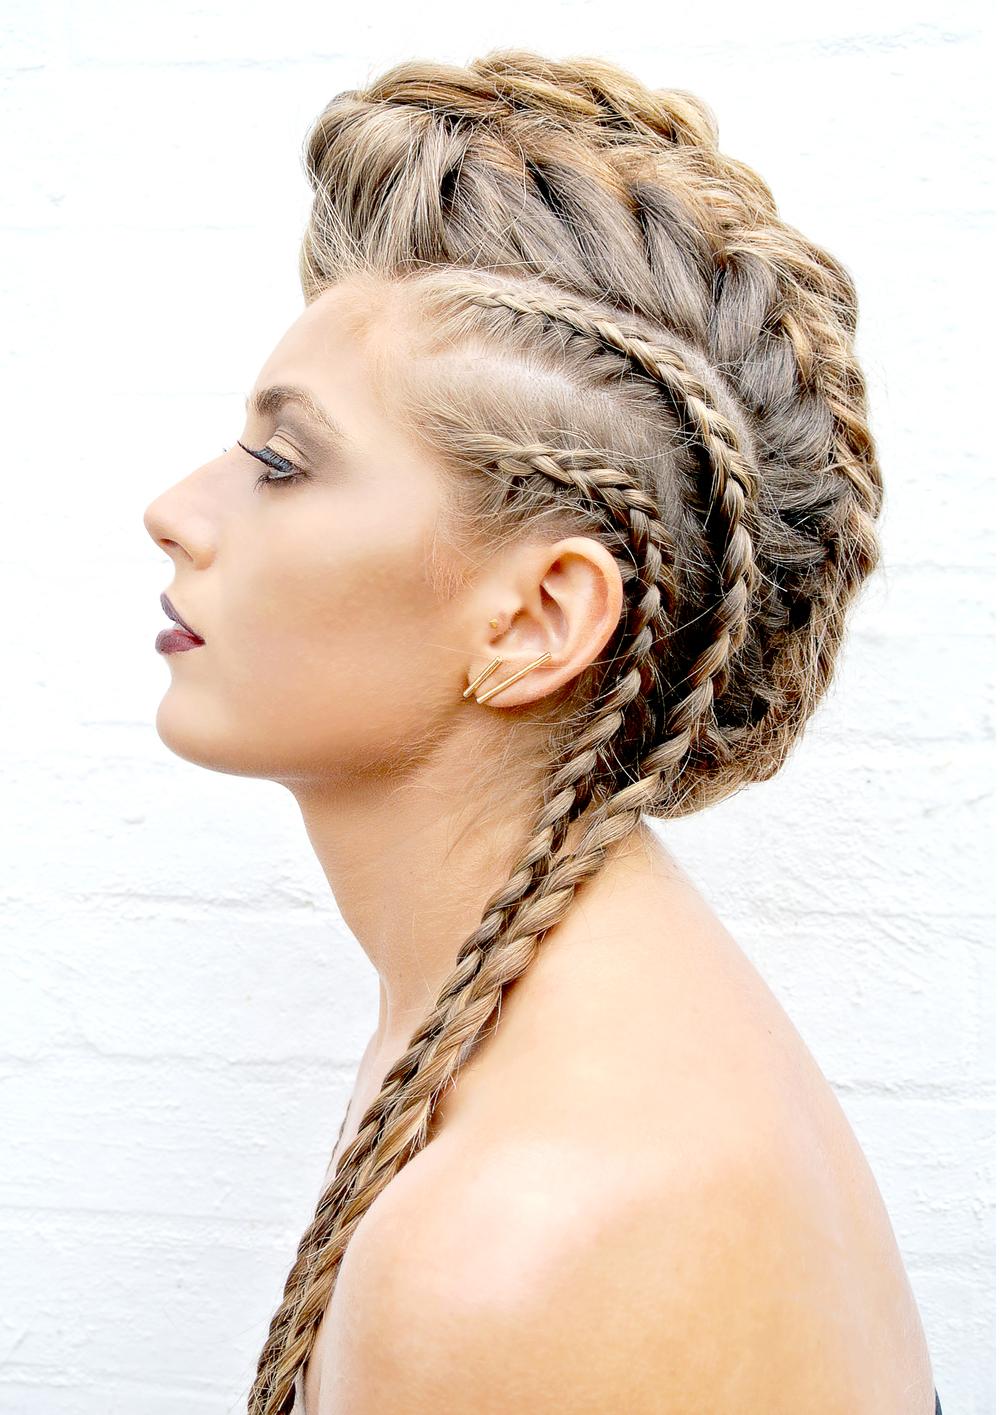 hair-photography